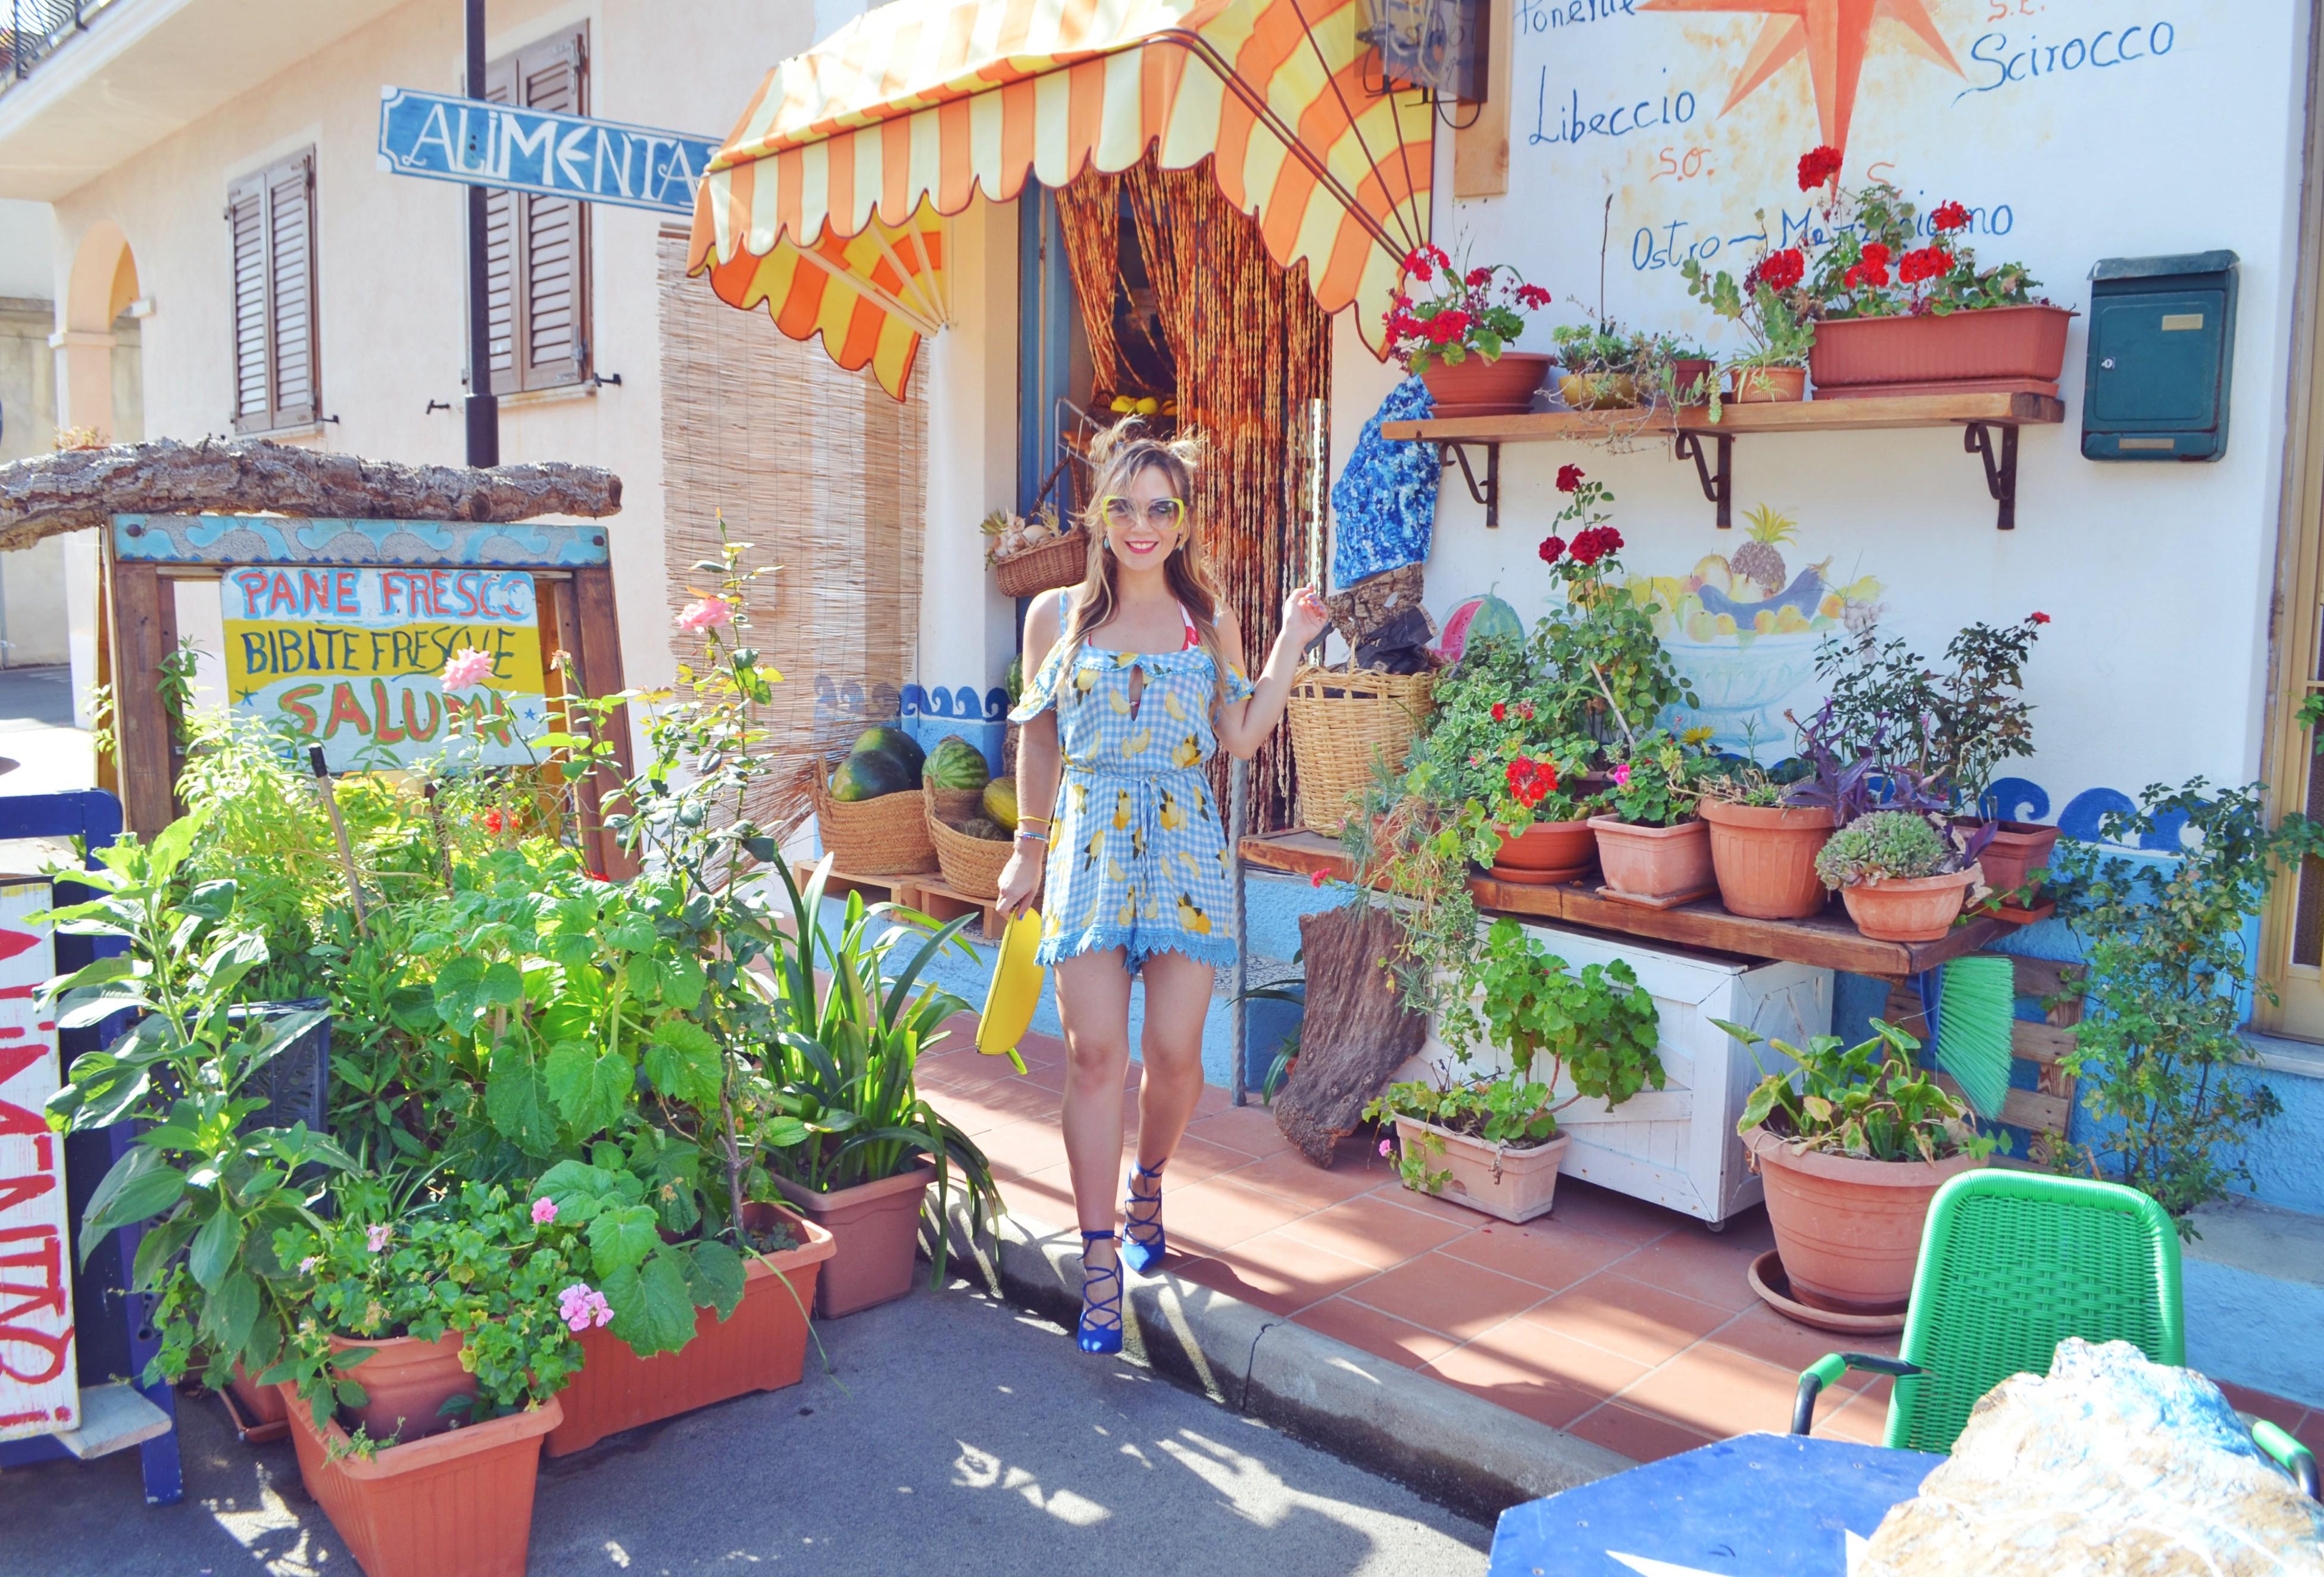 Monos-de-verano-Blog-de-moda-ChicAdicta-influencer-Madrid-Chic-Adicta-fashionista-que-ver-en-cerdena-Italia-street-style-PiensaenChic-Piensa-en-Chic